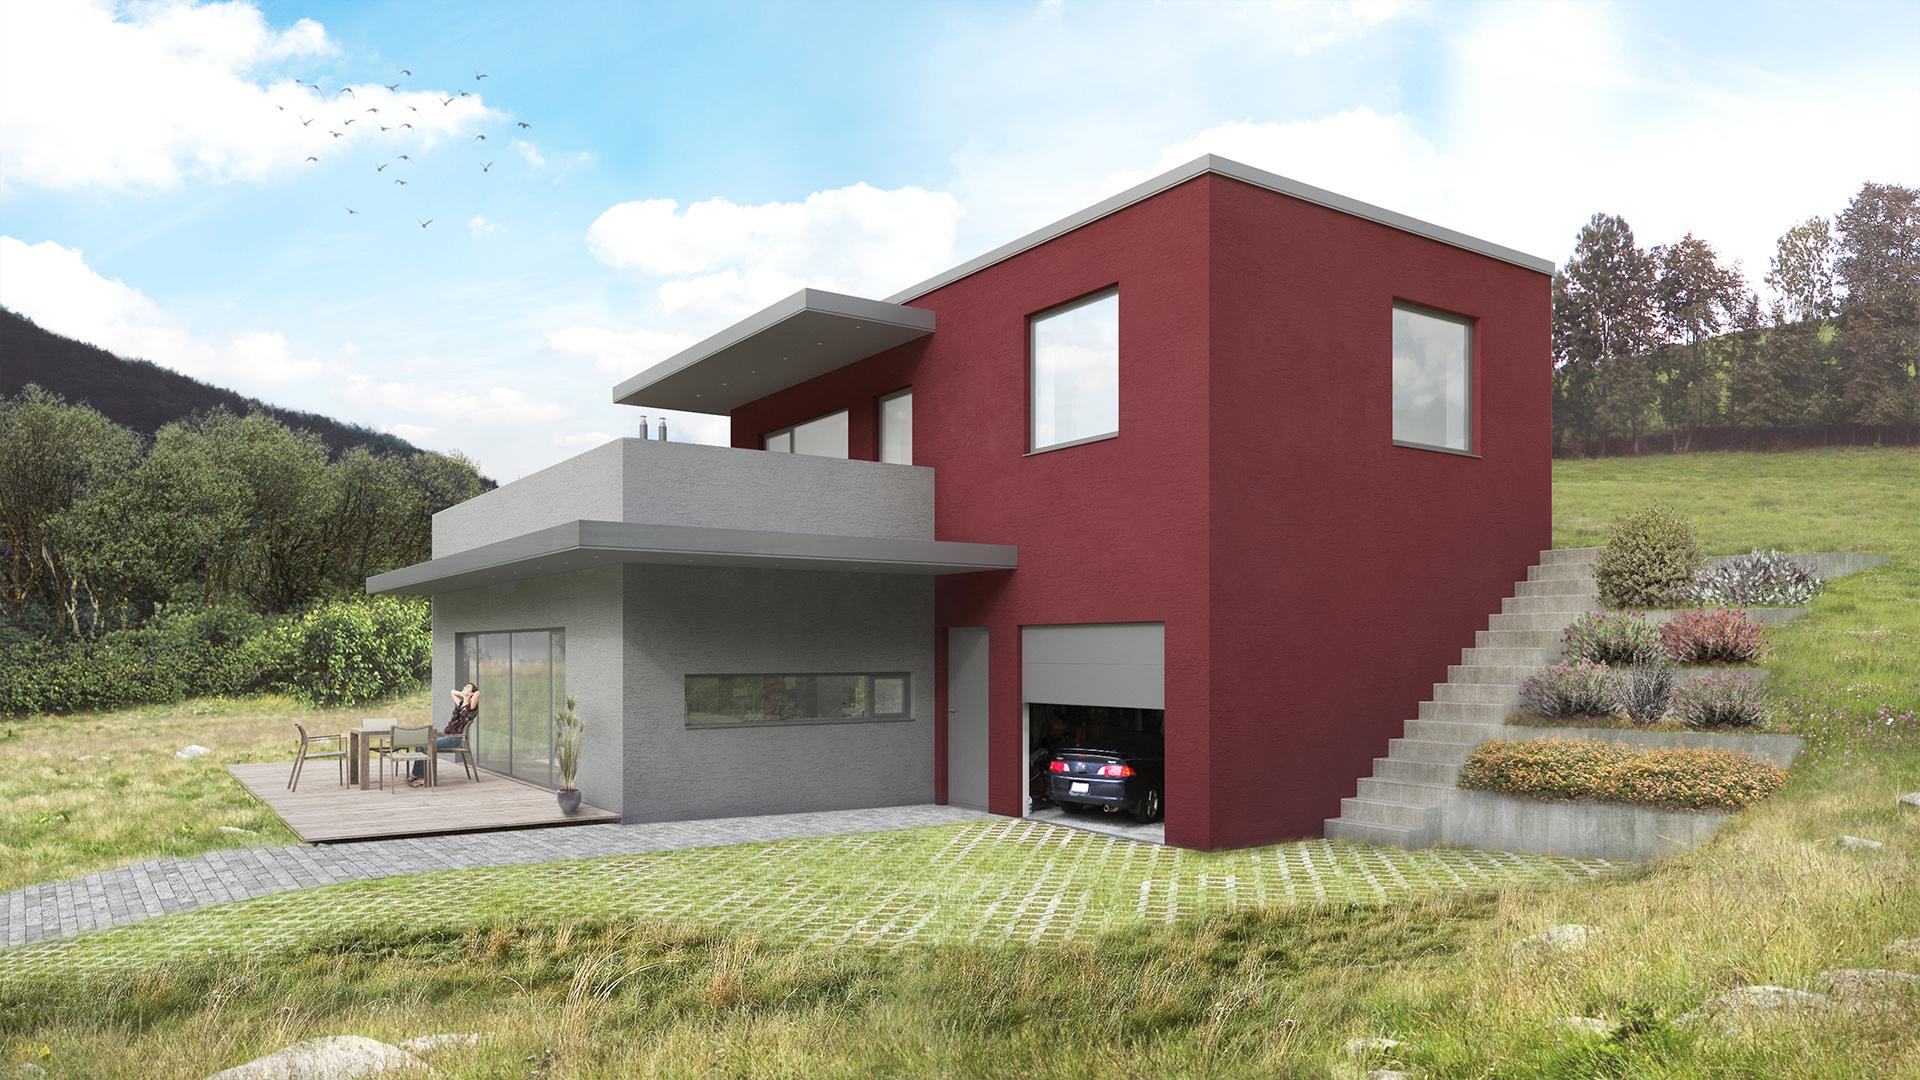 Vila ve svahu o velikosti 4 + 1 + garáž má zastavěnou plochu 119 m2, patro má 63 m2 a horní terasa je o rozloze 52 m2. Vstup do domu odděluje garáž a obývací místnosti. V přízemí je garáž,